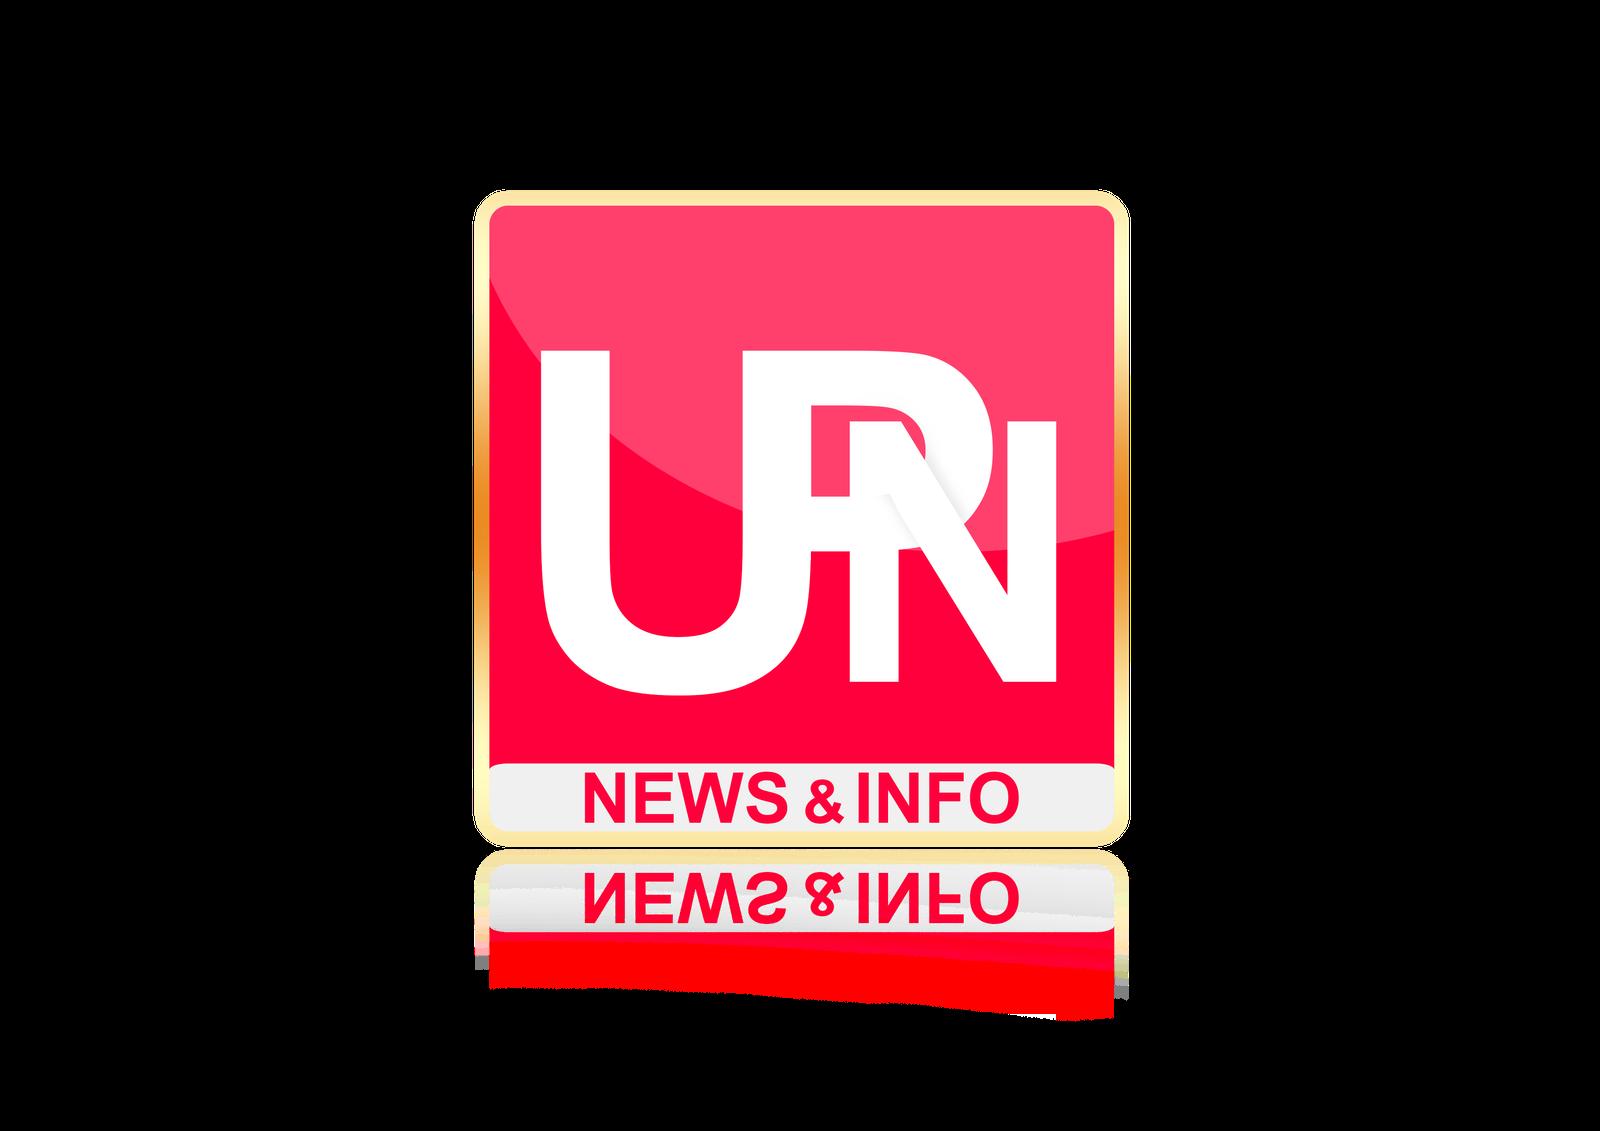 Unpaid News